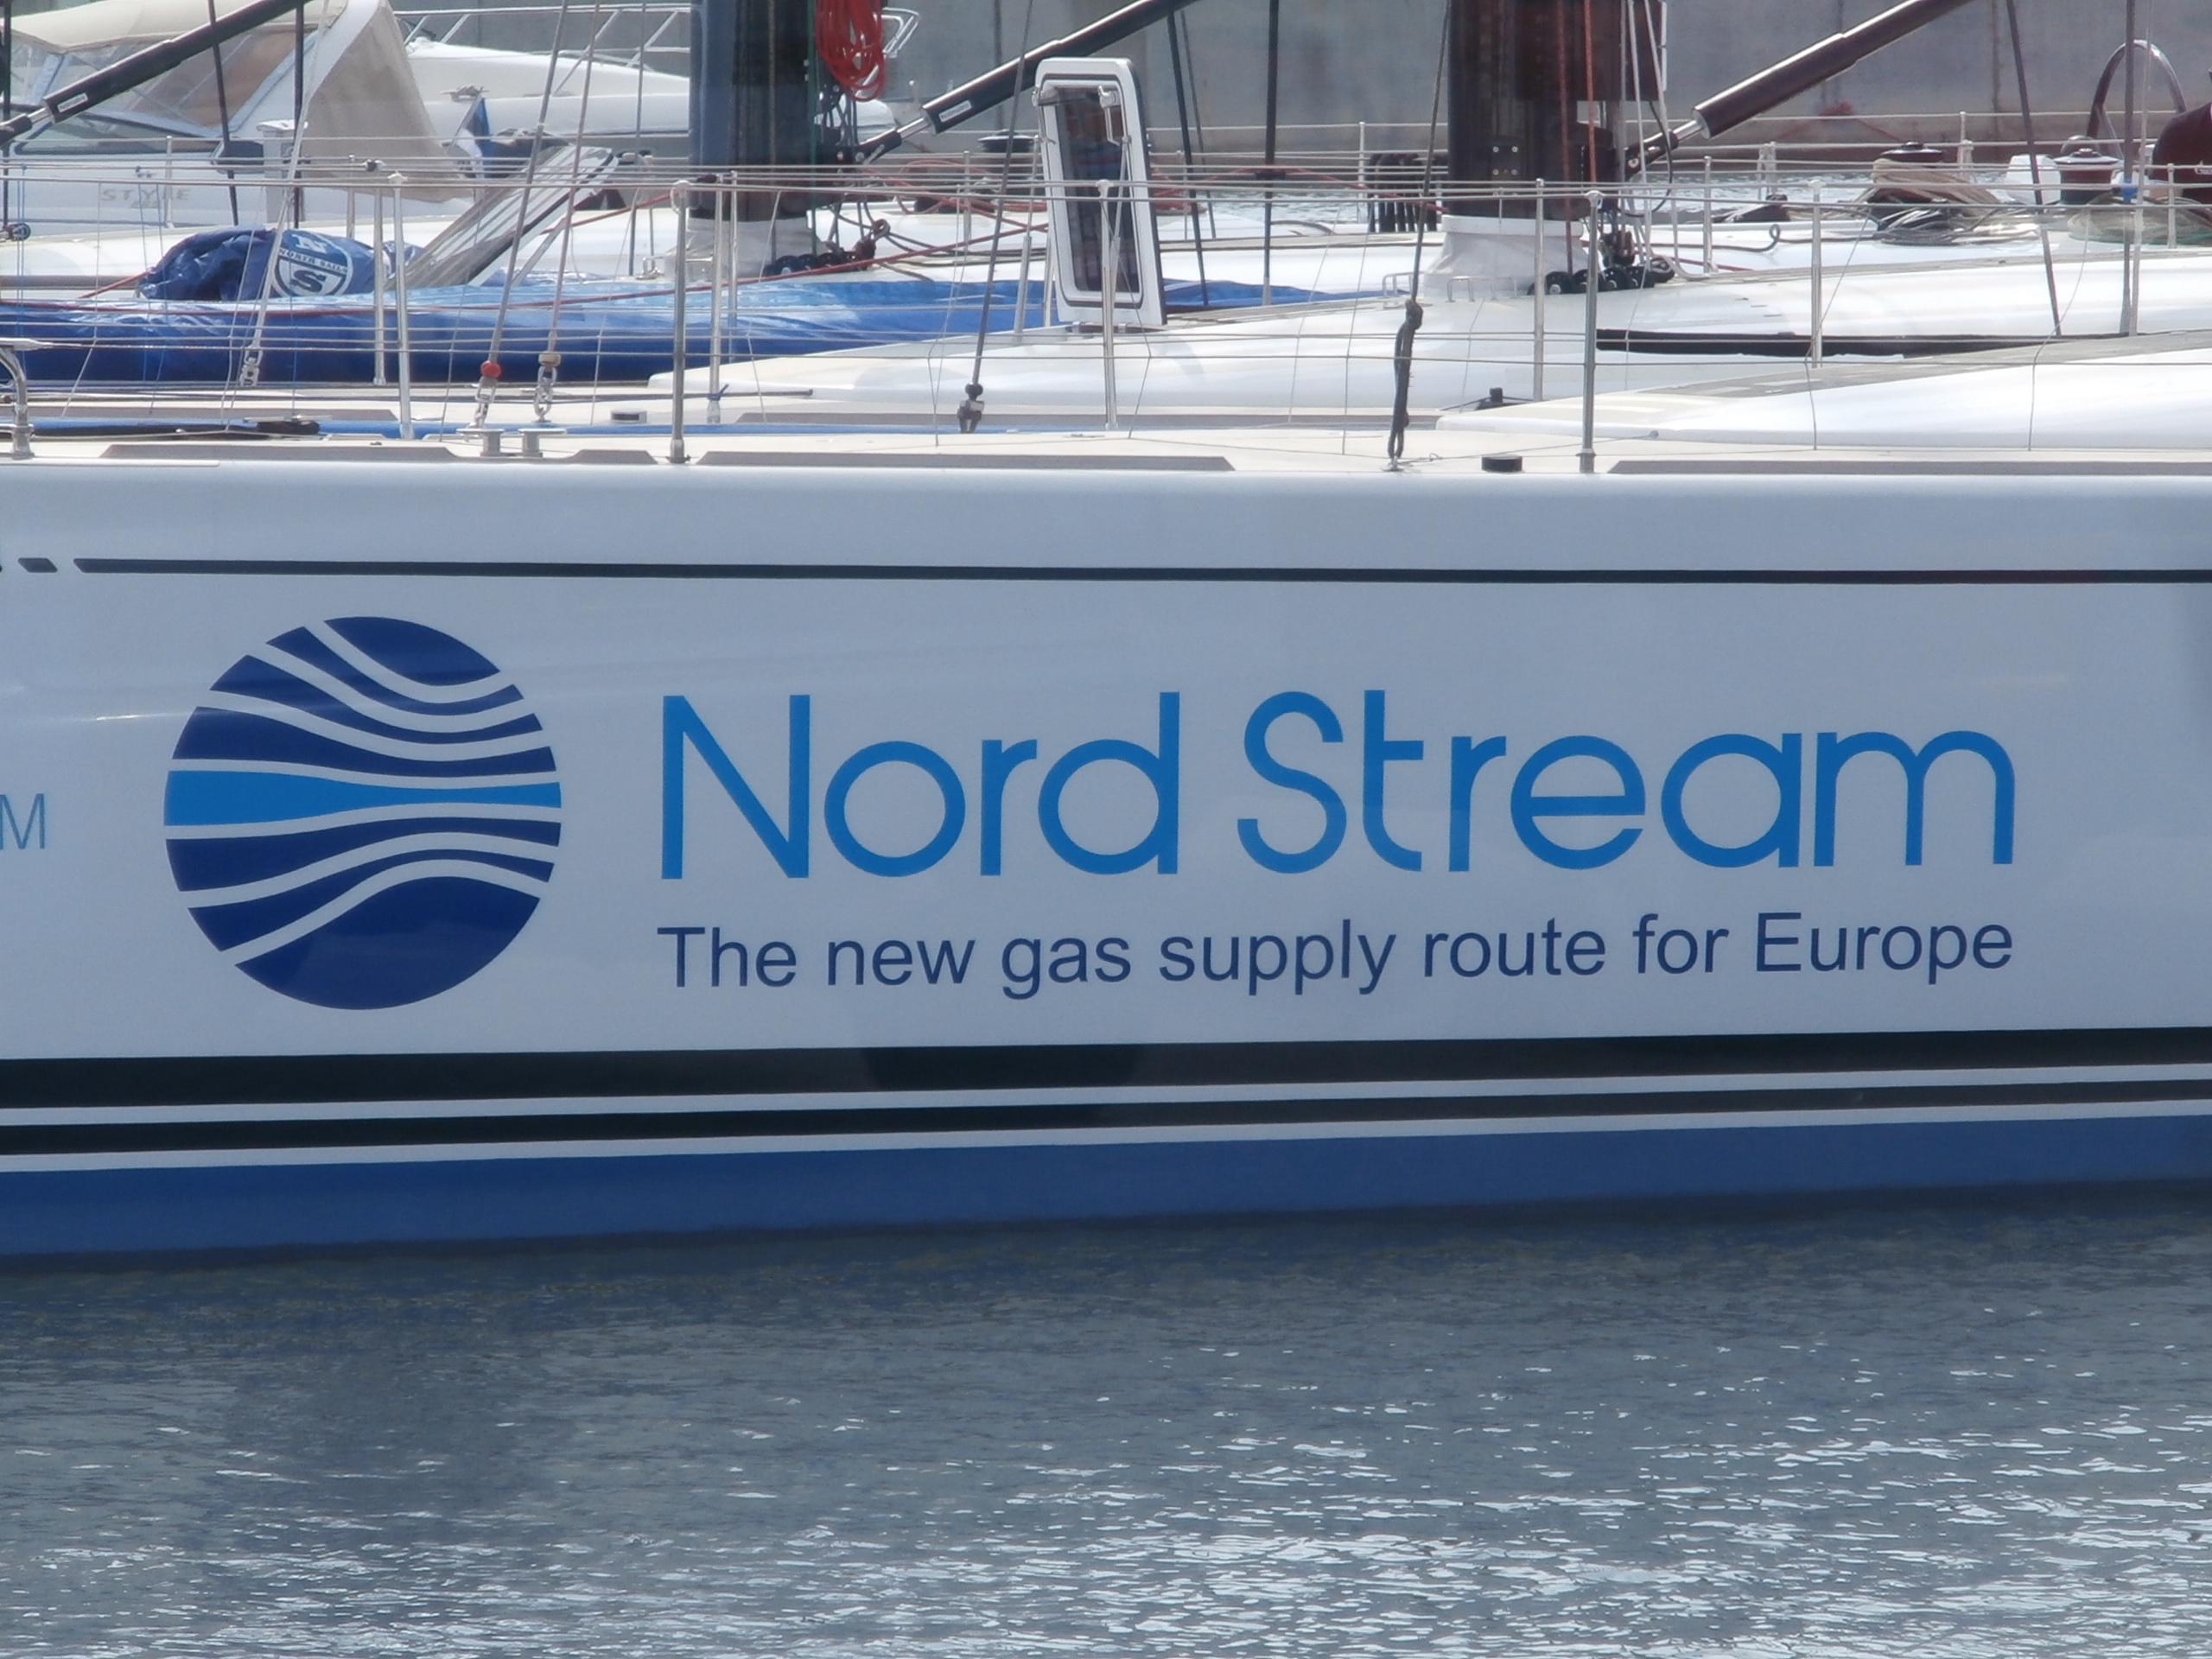 Rosja chce ukończyć Nord Stream 2 do końca roku: zostało 100 km